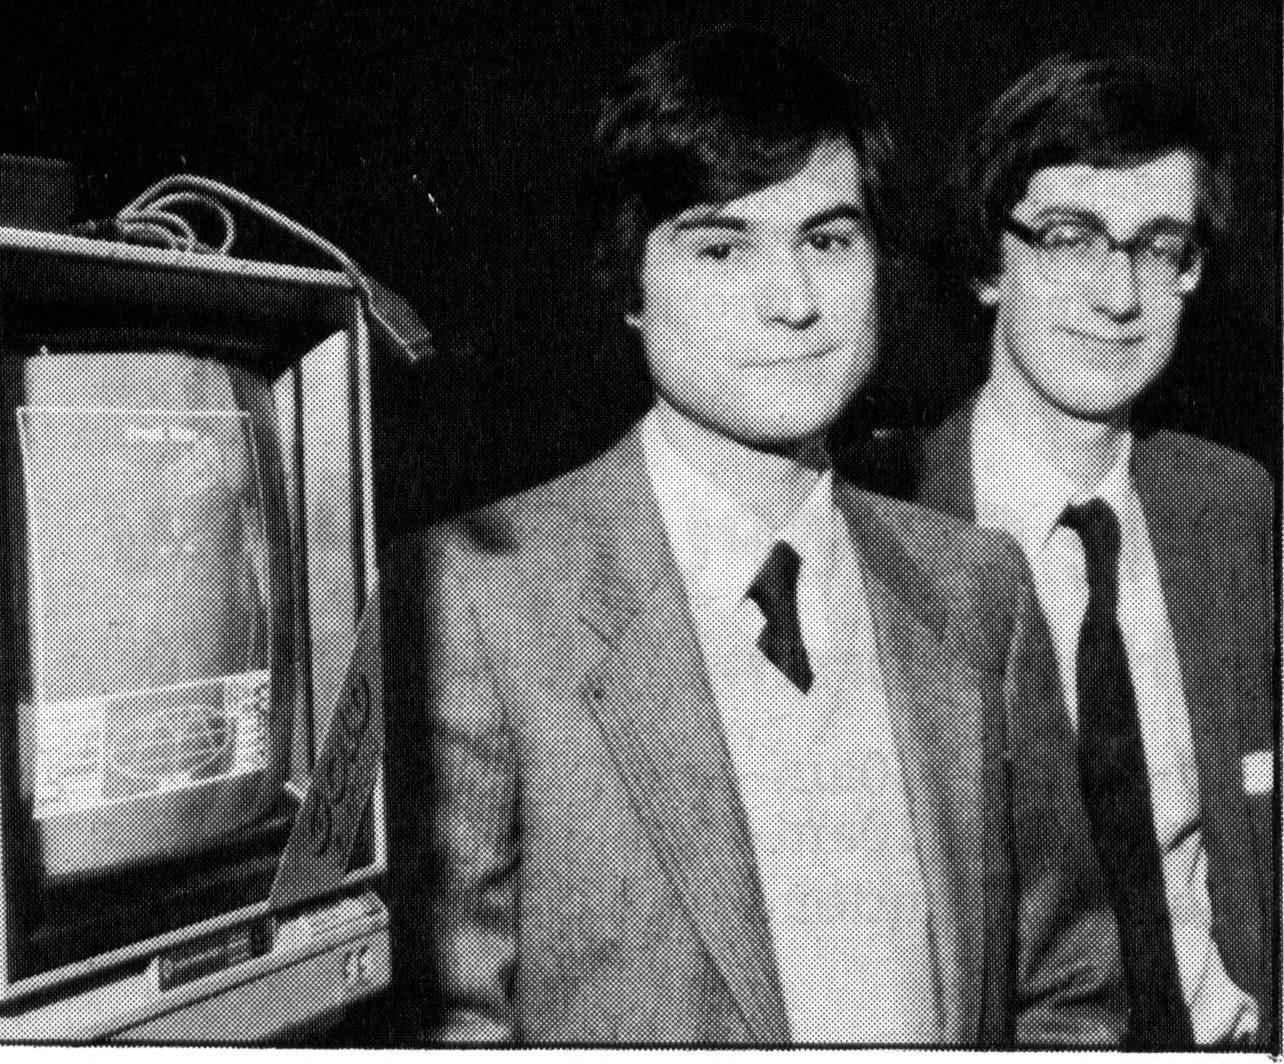 David Braben e Ian Bell, criadores de Elite, em foto de 1984